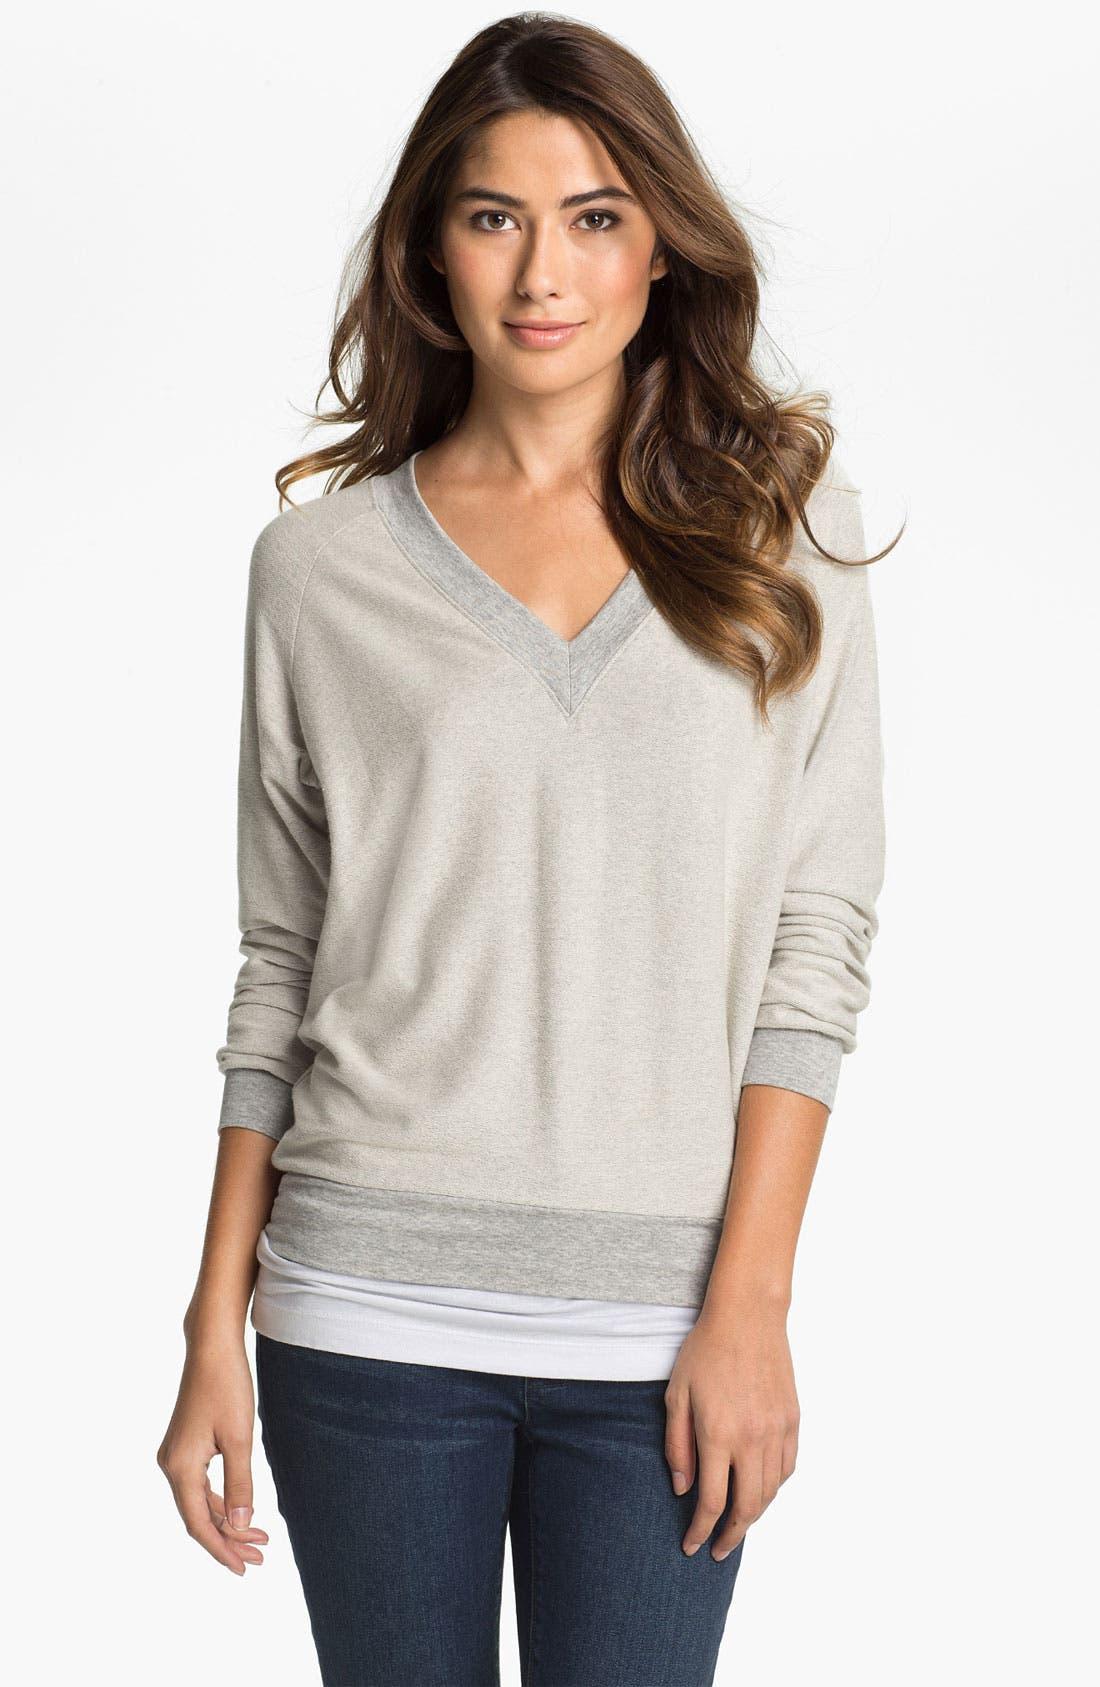 Alternate Image 1 Selected - Cielo 'Inside Out' V-Neck Sweatshirt